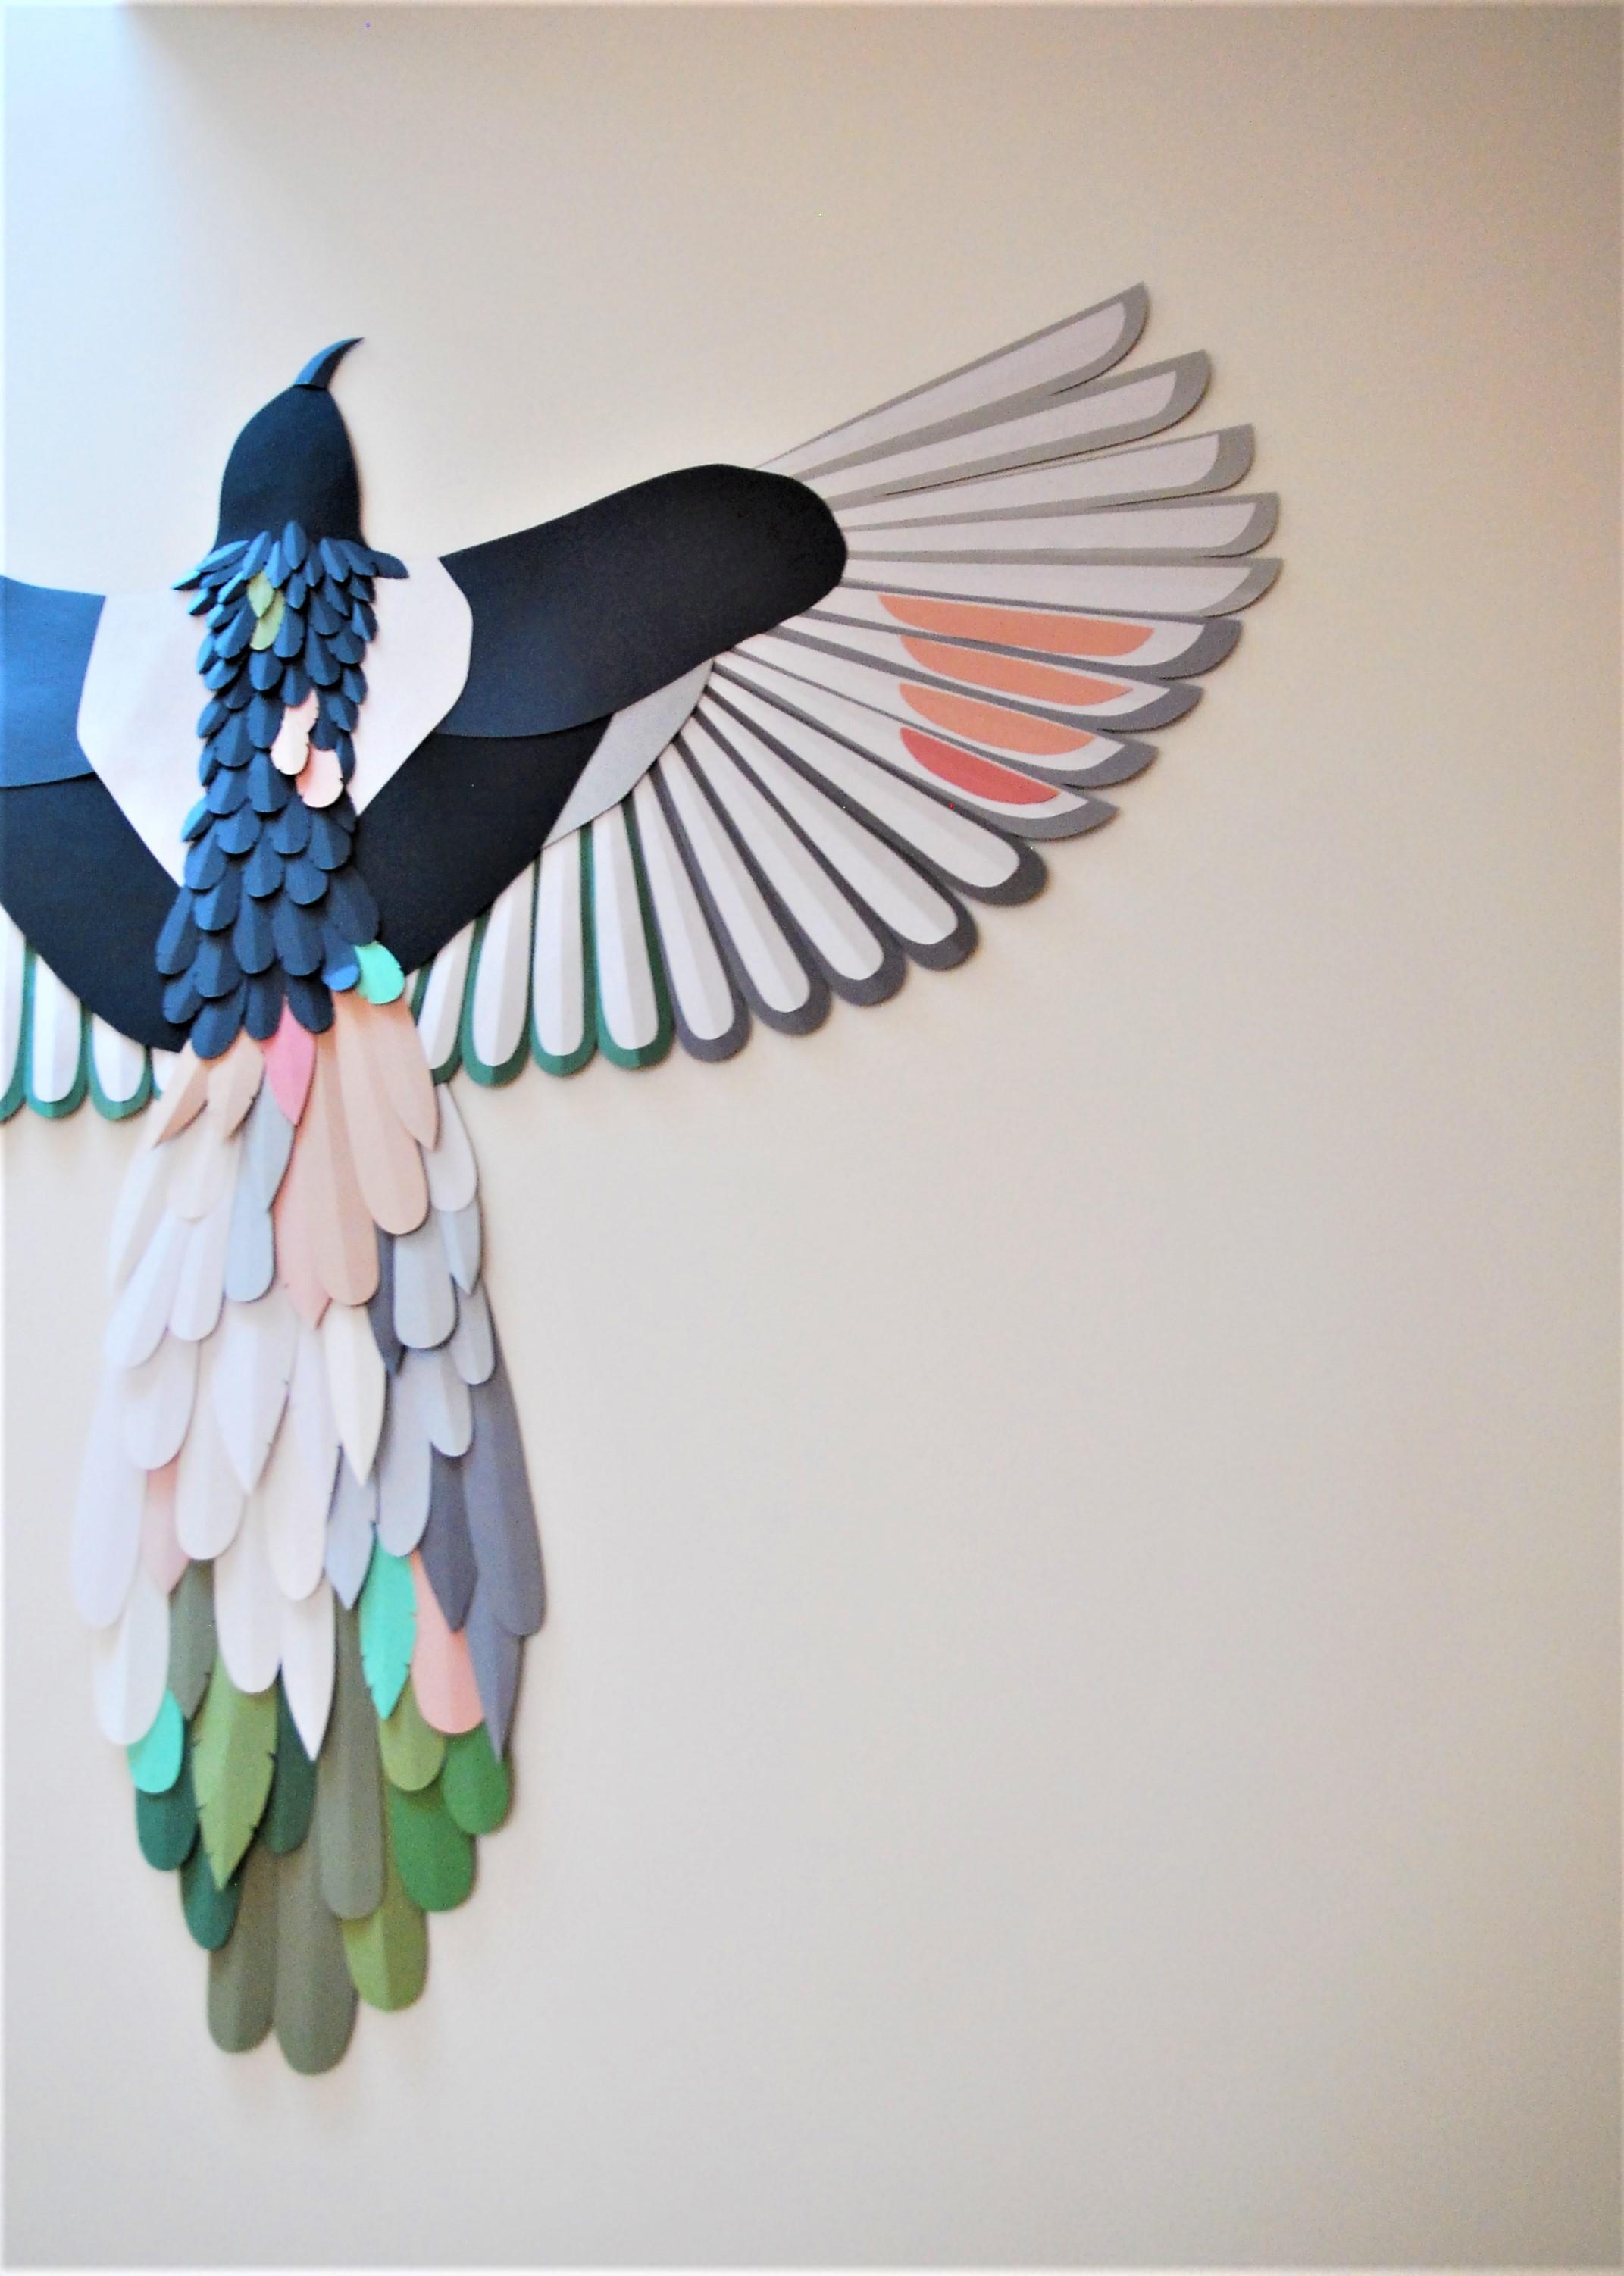 envolee-installation-sculpture-murale-paper-oiseau-plumes-evanescence-Laure-Devenelle-2020